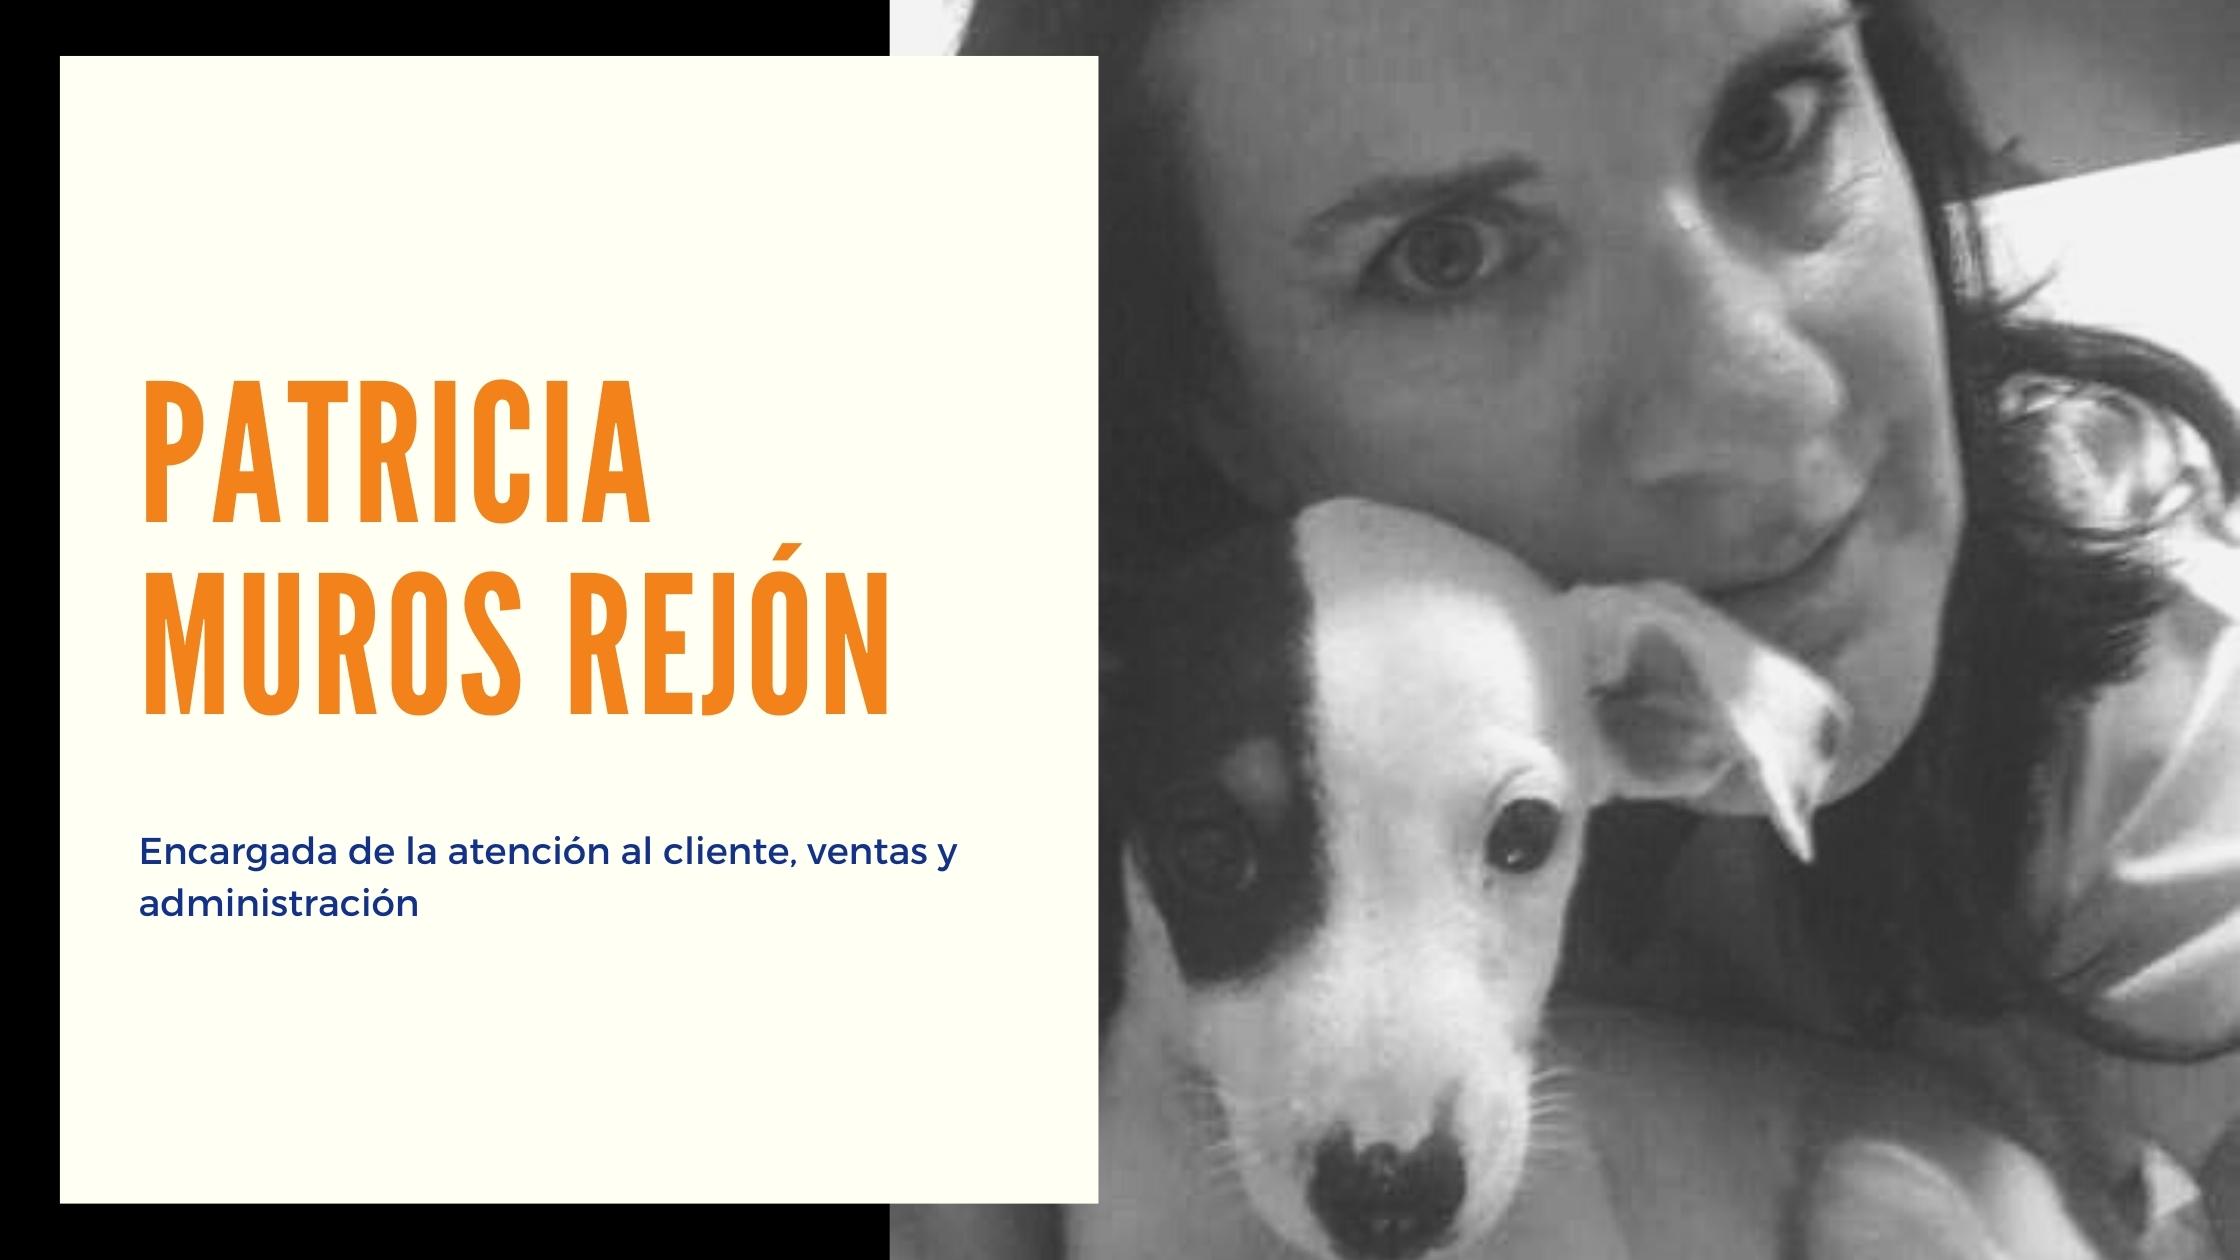 Patricia Muros Rejón (1)